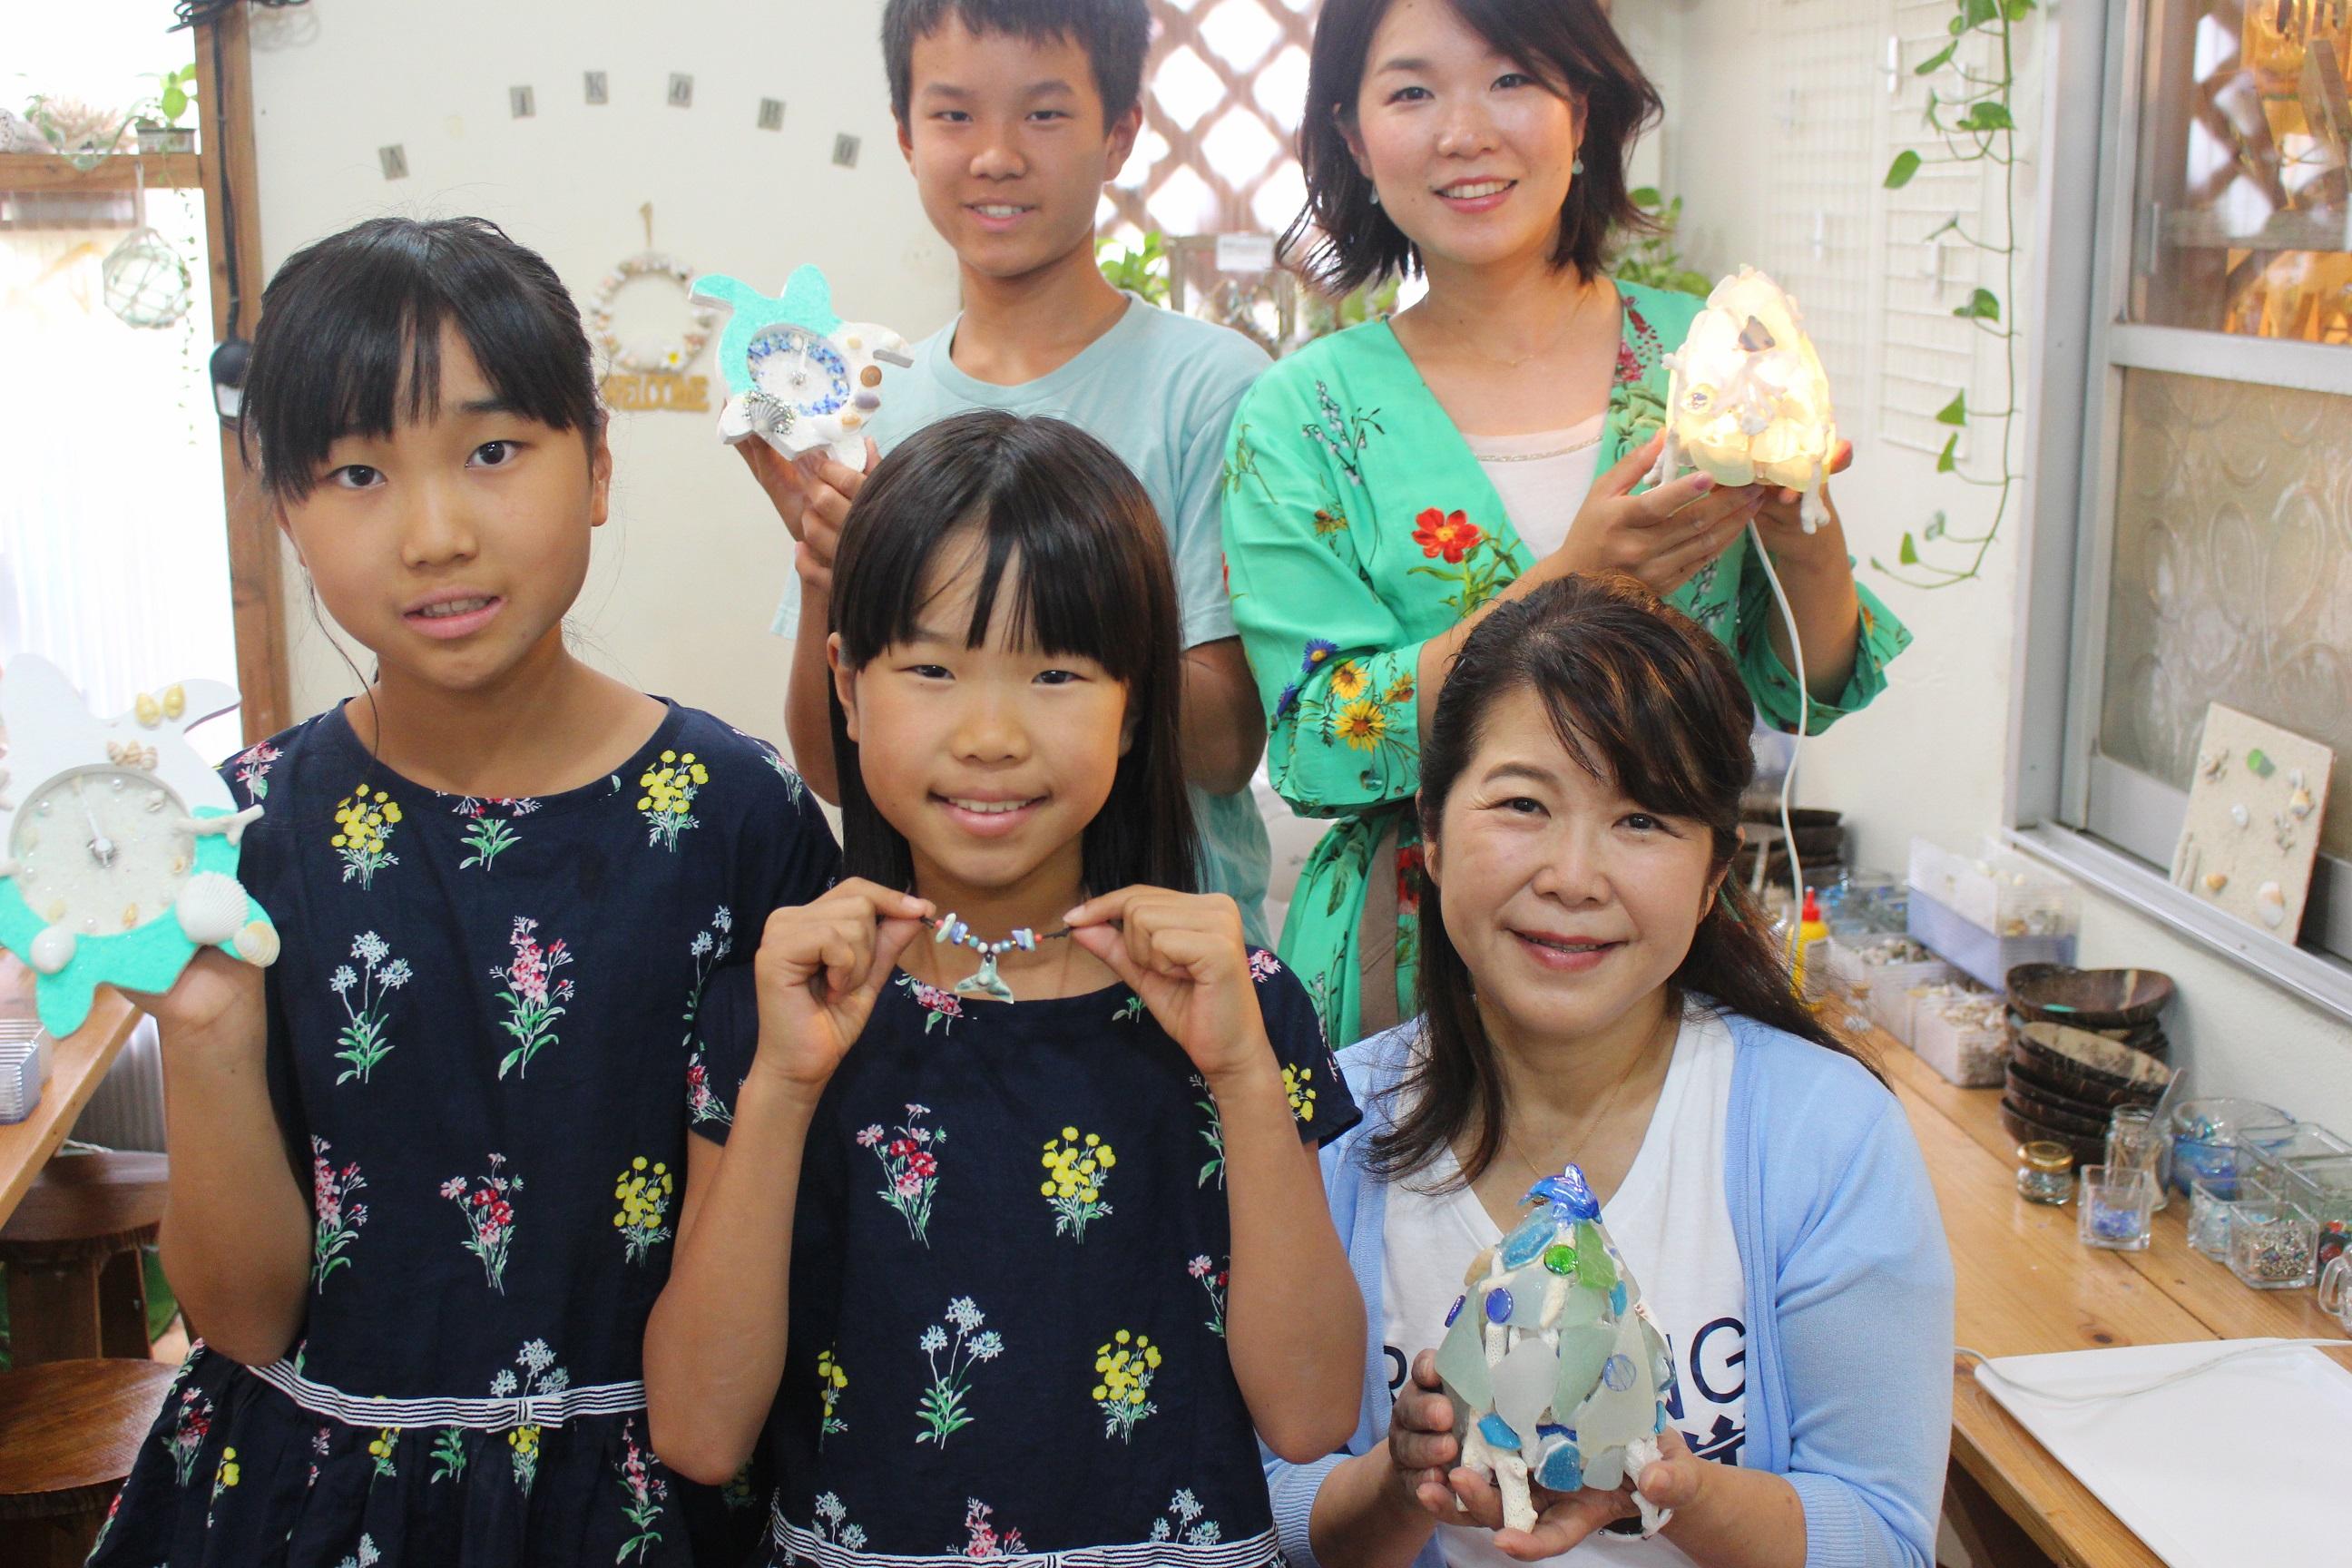 沖縄県 恩納村 AKI工房 フォトフレーム カメ 貝殻雑貨 子供